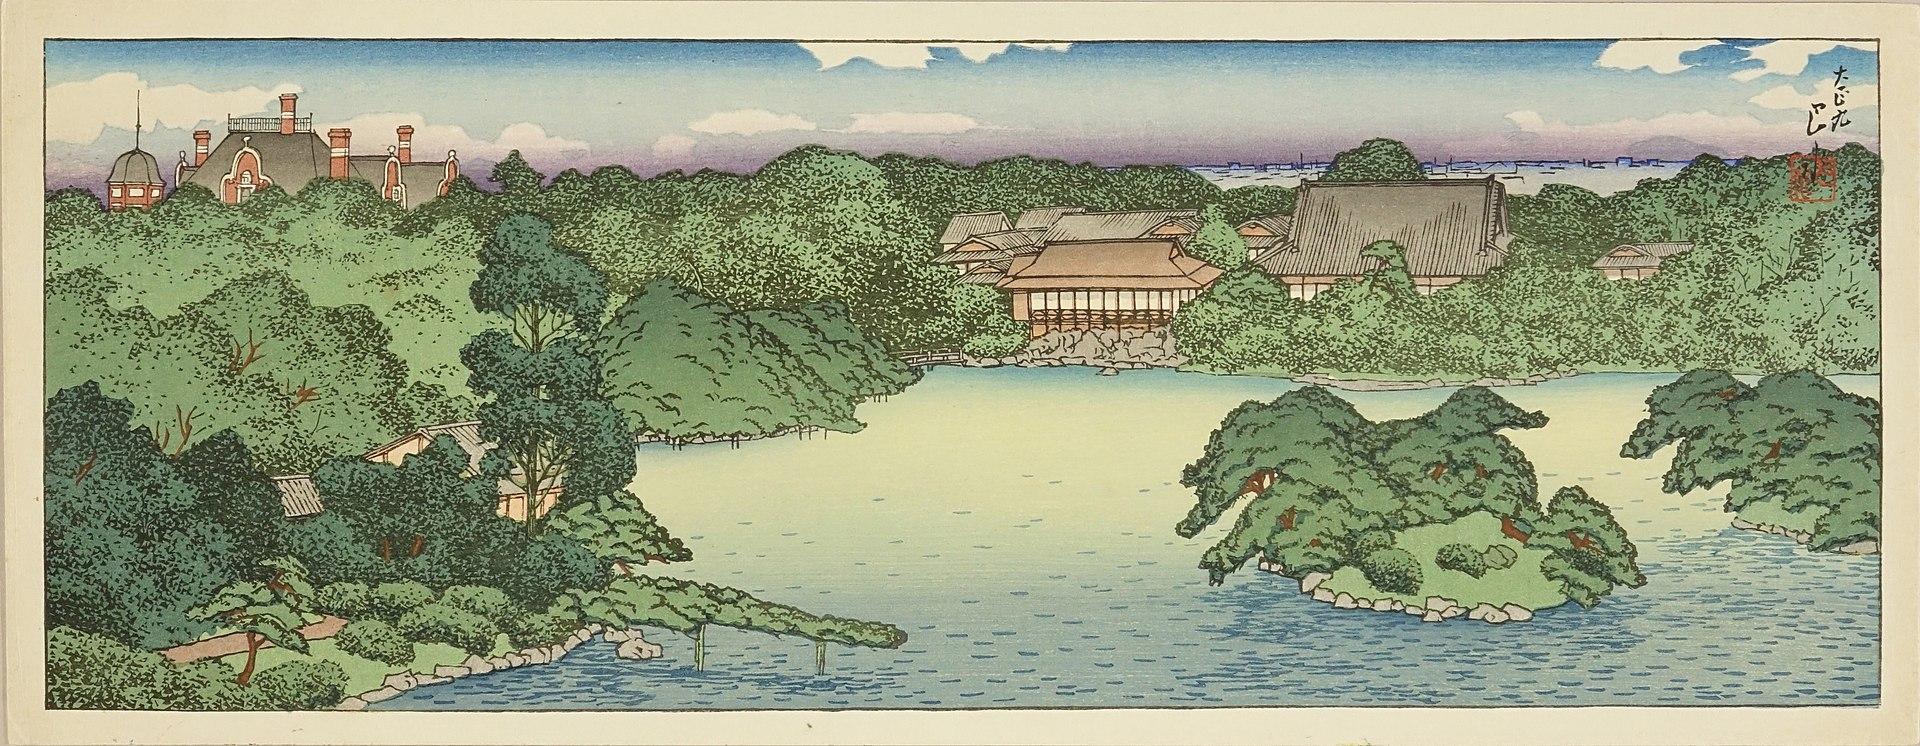 1920px-Mitsubishi_Fukagawa_bettei_no_zu,_Daisensui_no_zenkei_by_Kawase_Hasui.jpg